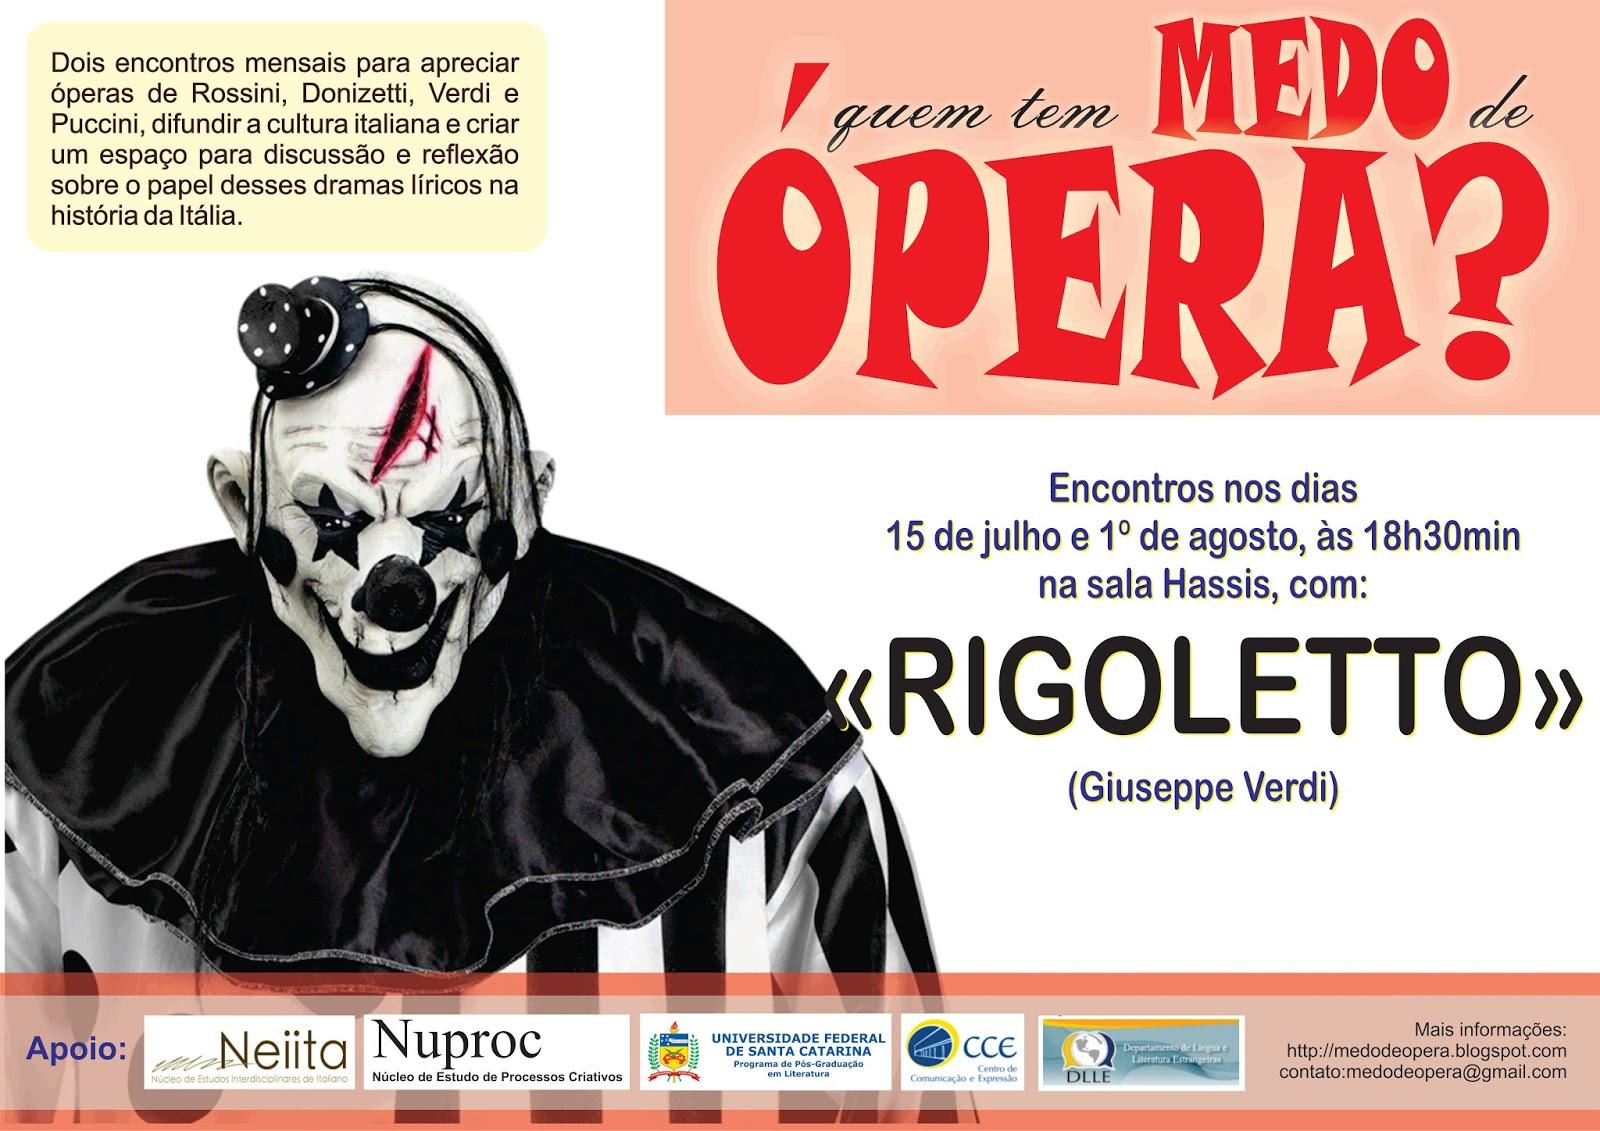 'Rigoletto', de Verdi, será apresentada no curso de extensão 'Quem tem medo de ópera?'  @ UFSC